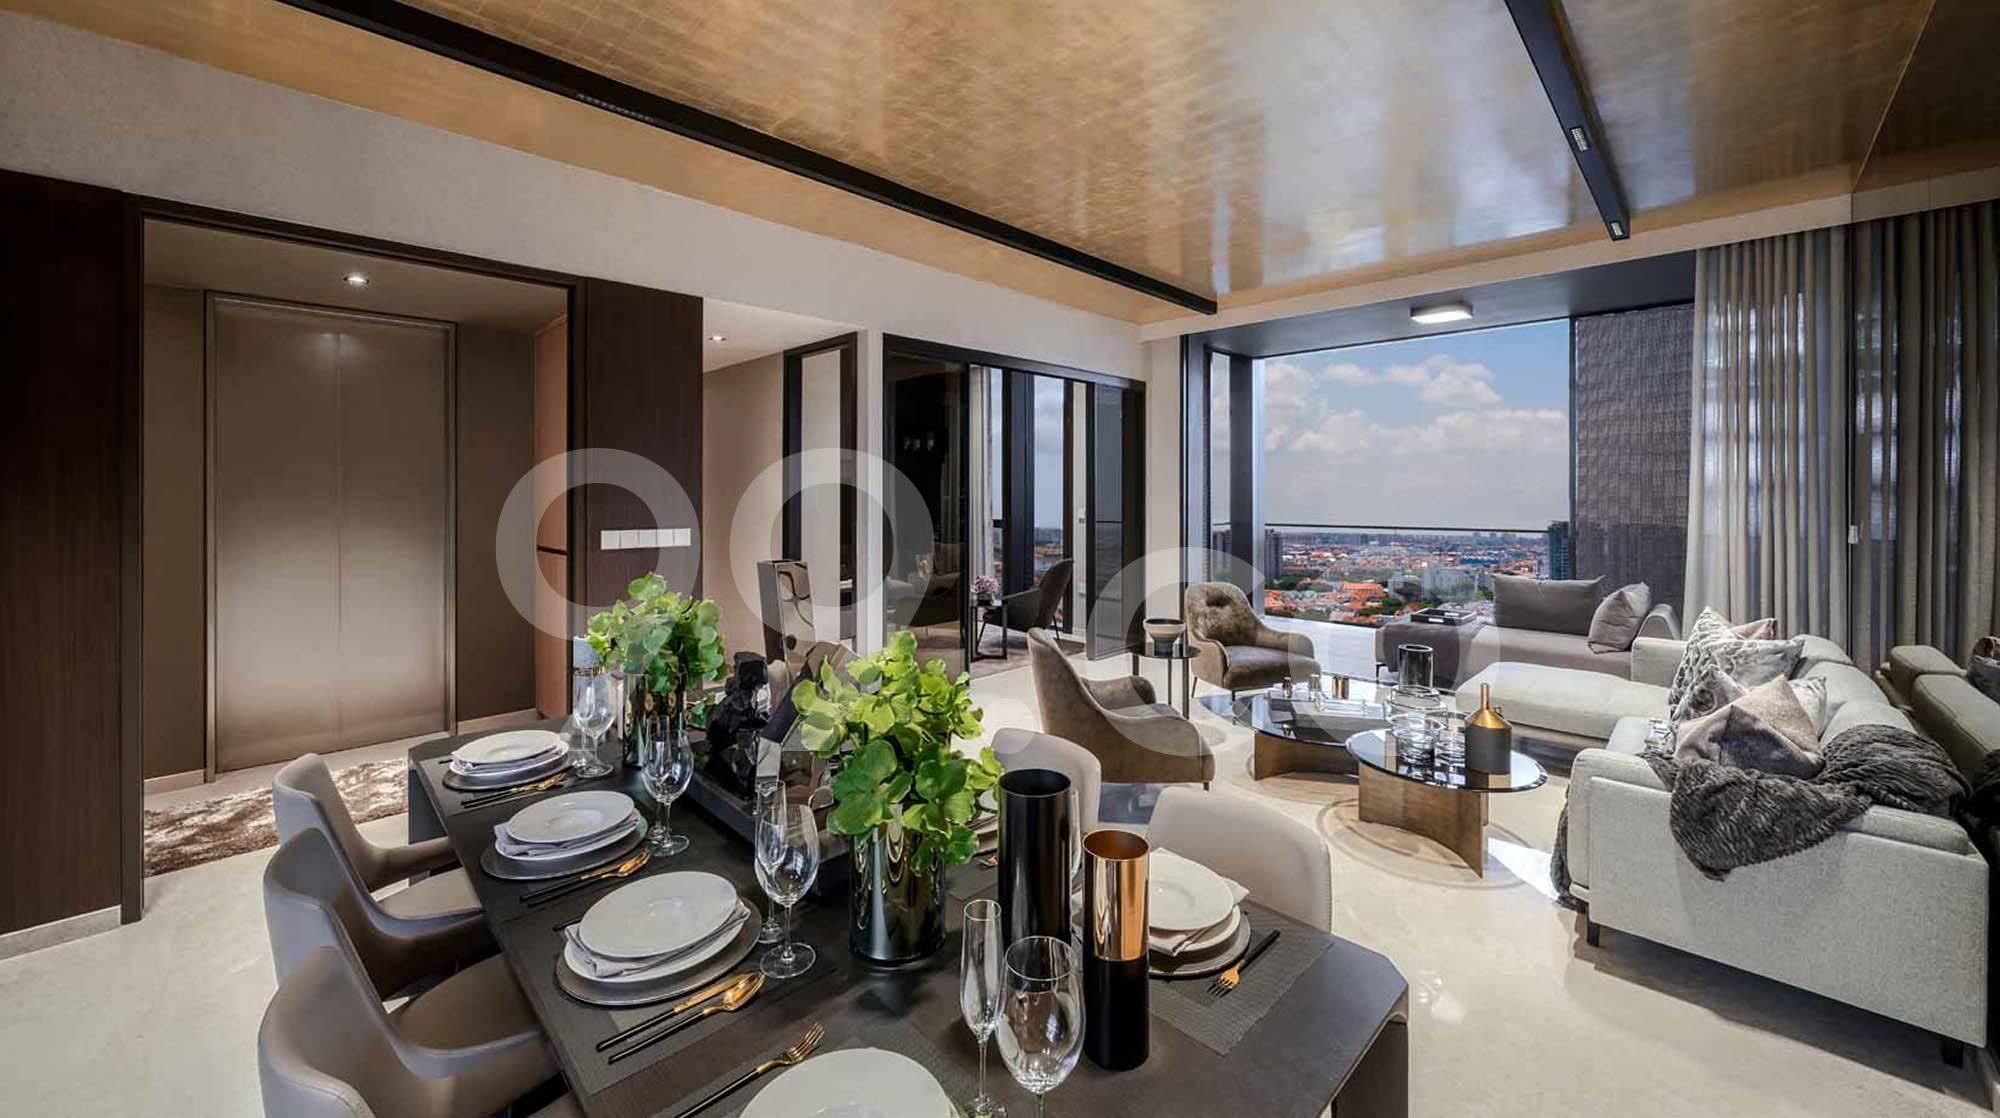 Meyer Mansion Dining Room